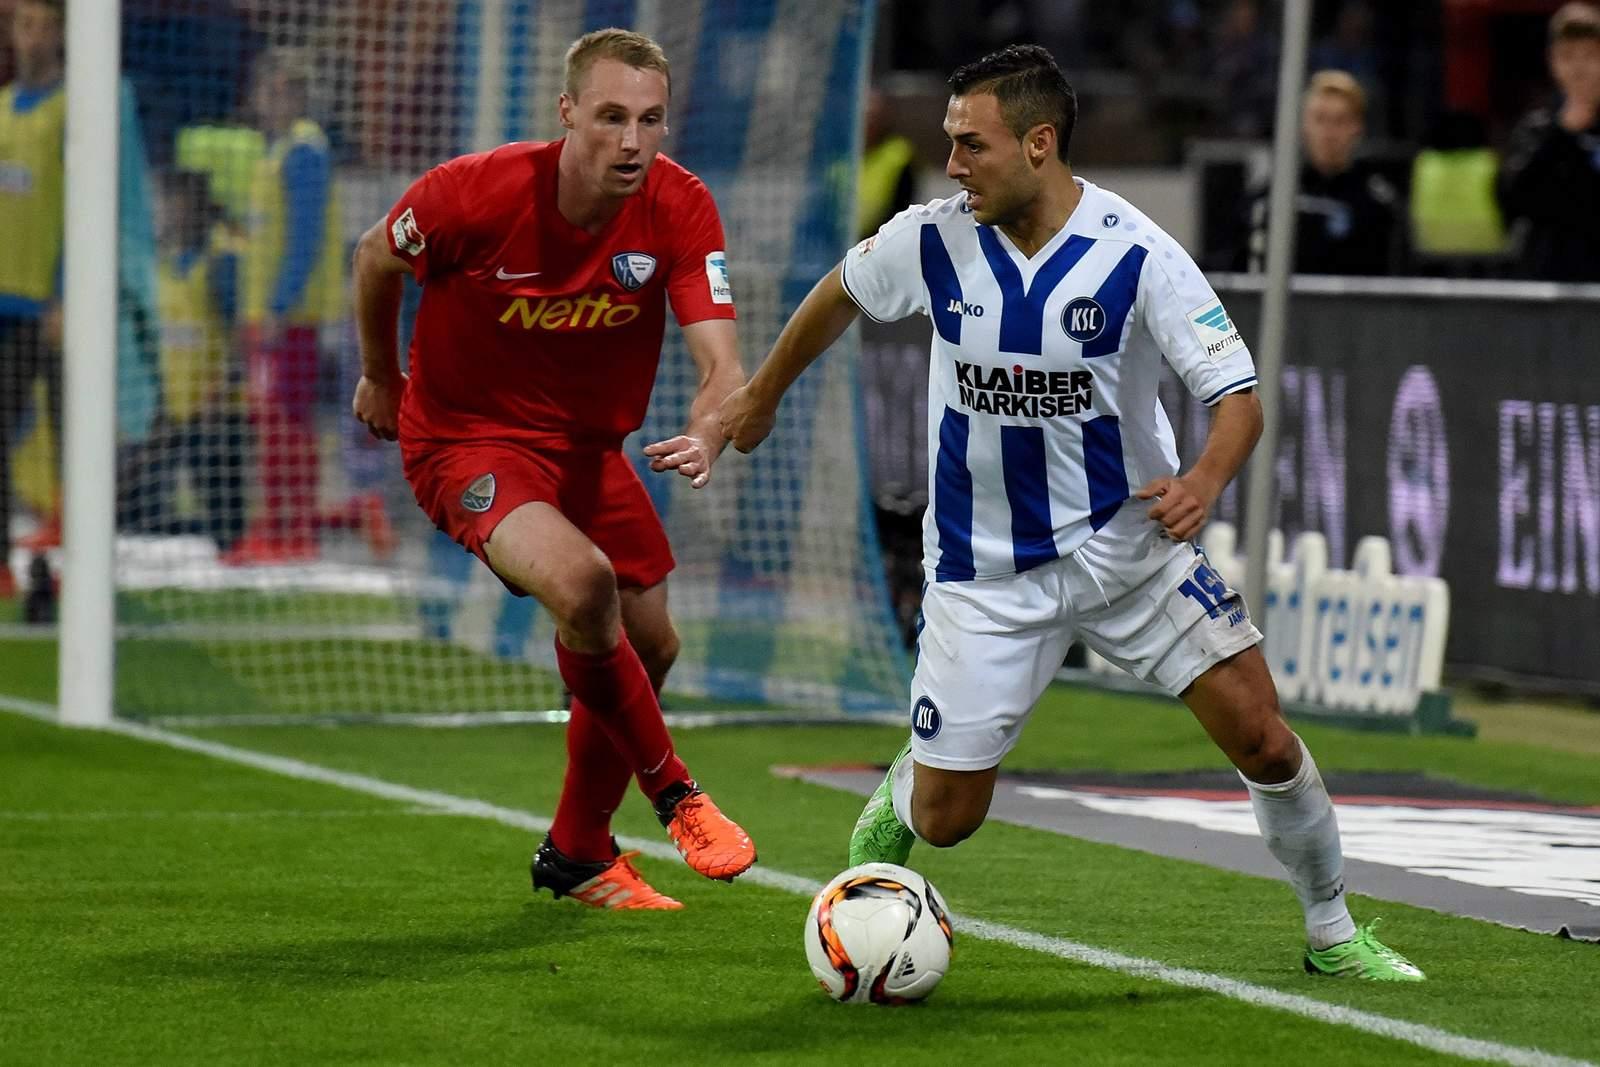 Setzt sich Bastians gegen Torres durch? Jetzt auf Bochum gegen KSC wetten